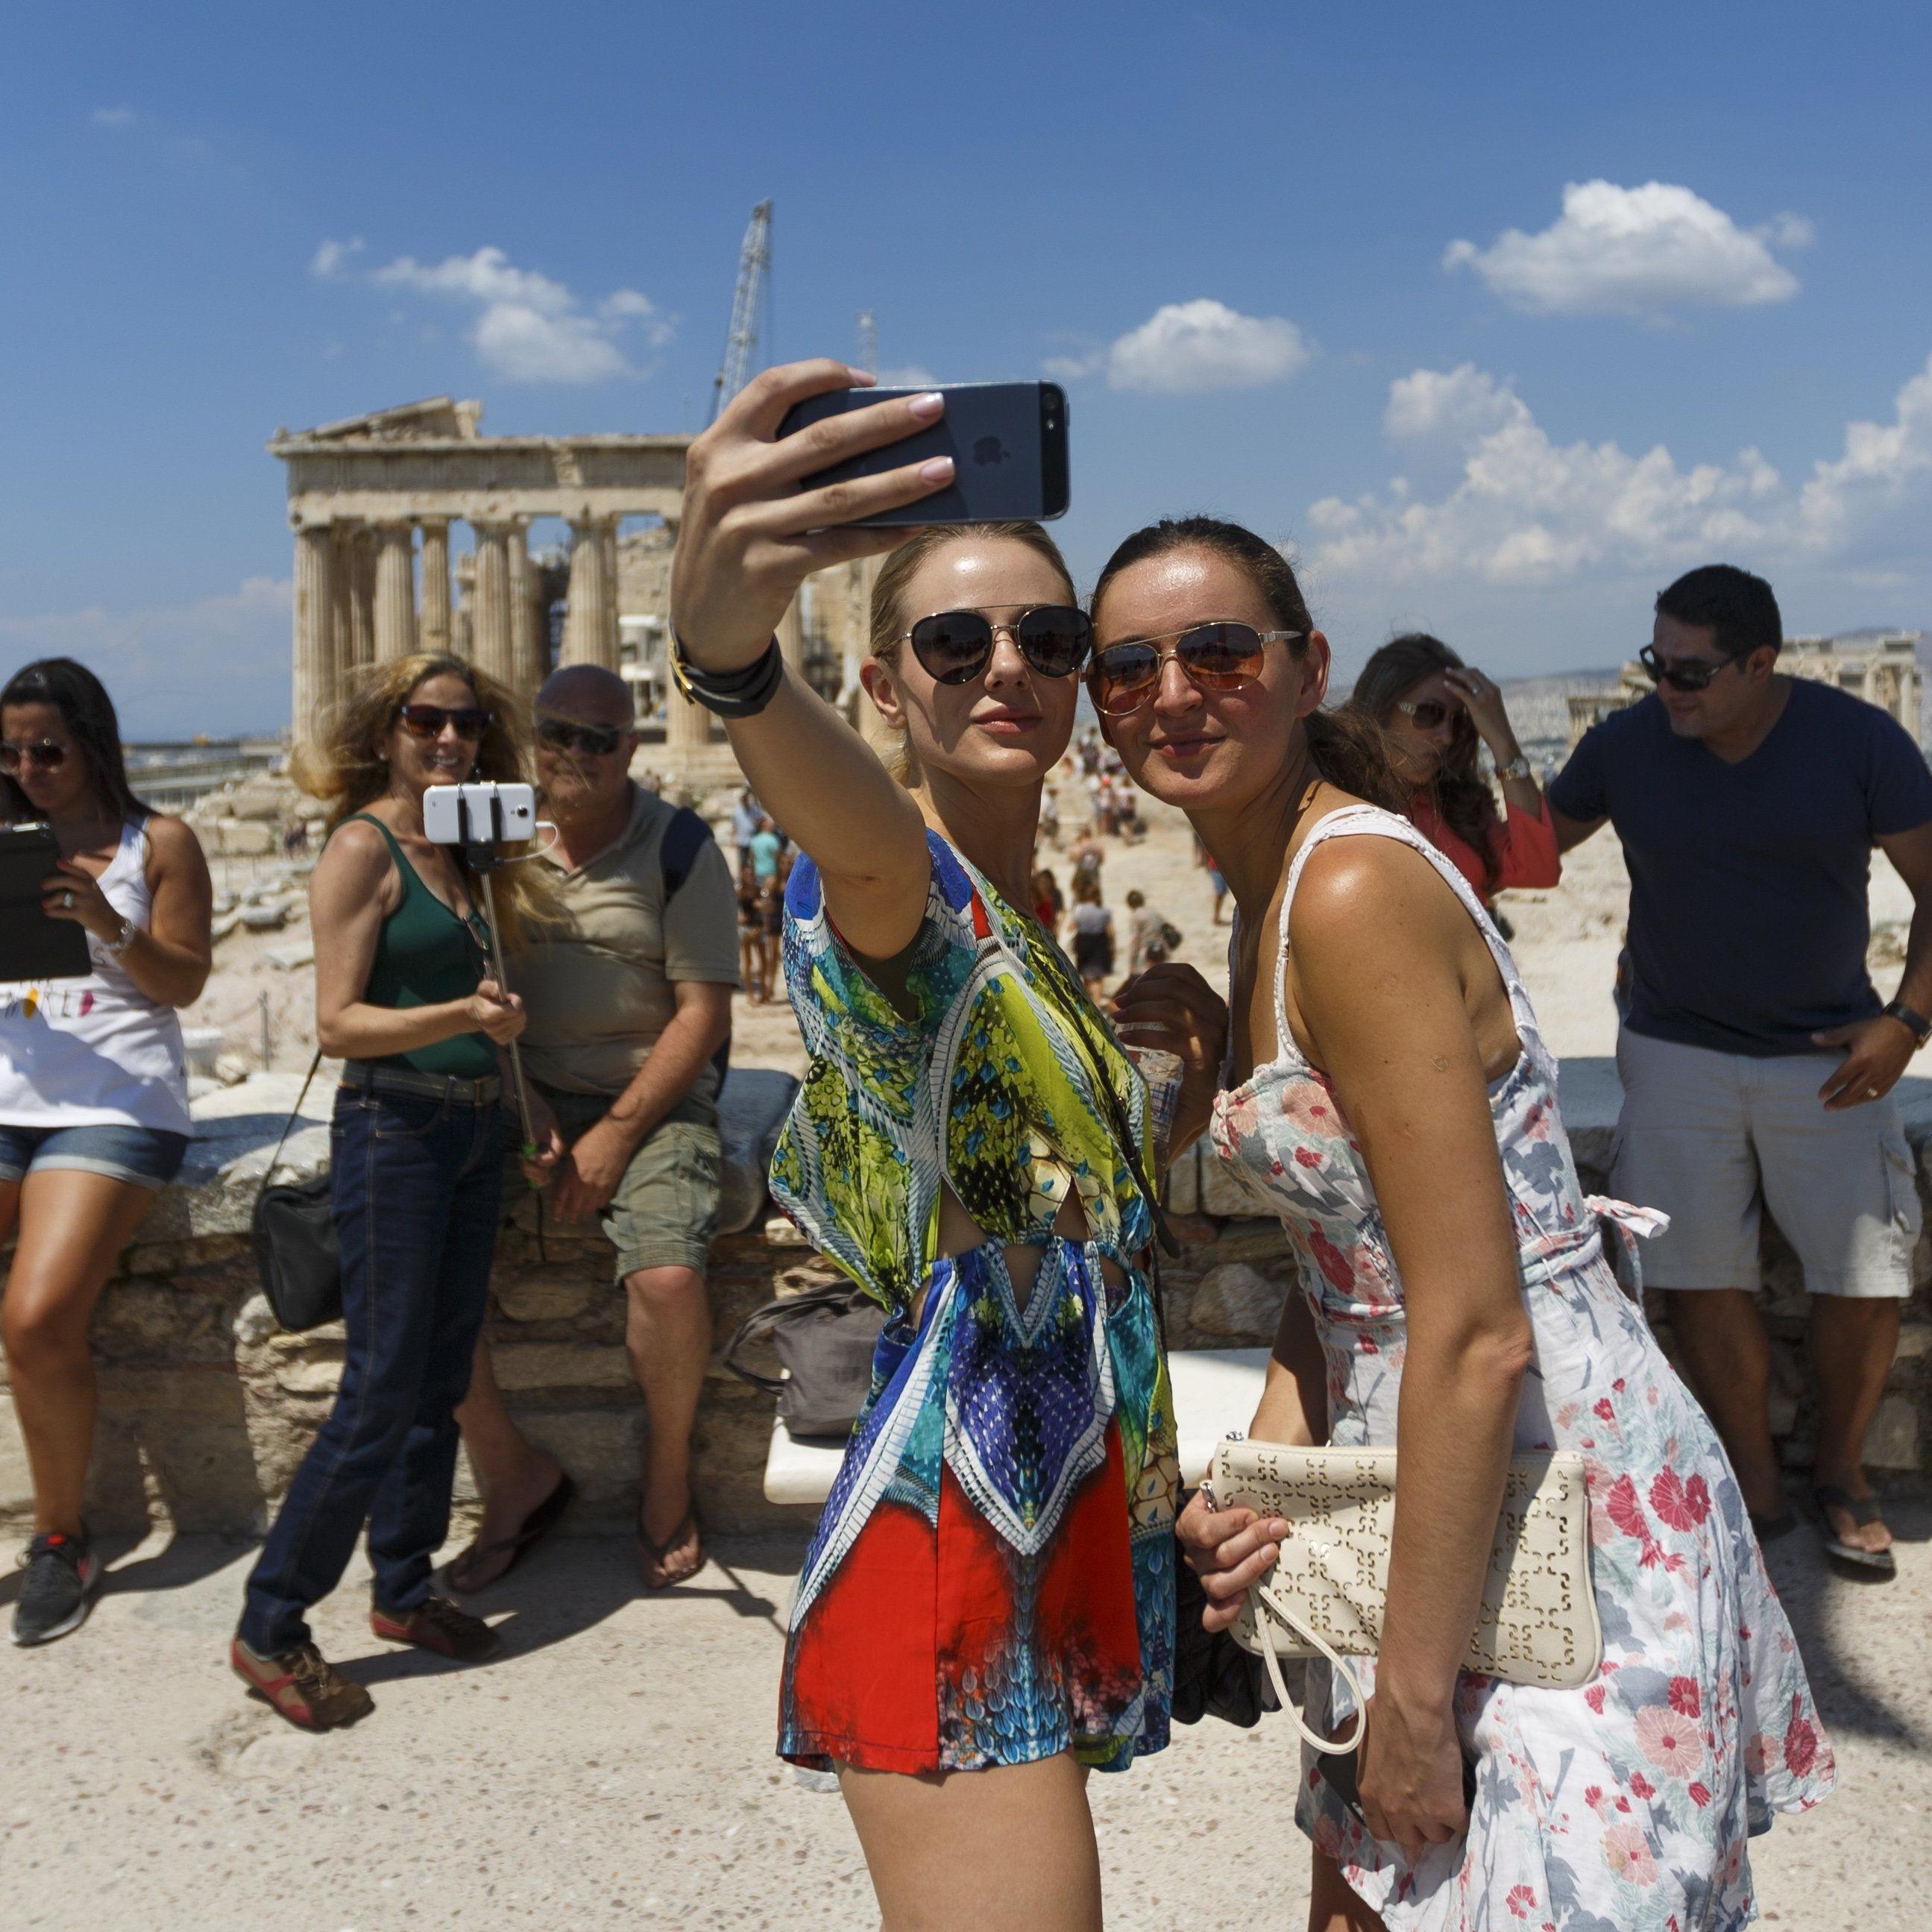 Hoteliers und Restaurantbesitzer fürchten Auswirkungen - noch bleiben die Touristen treu.